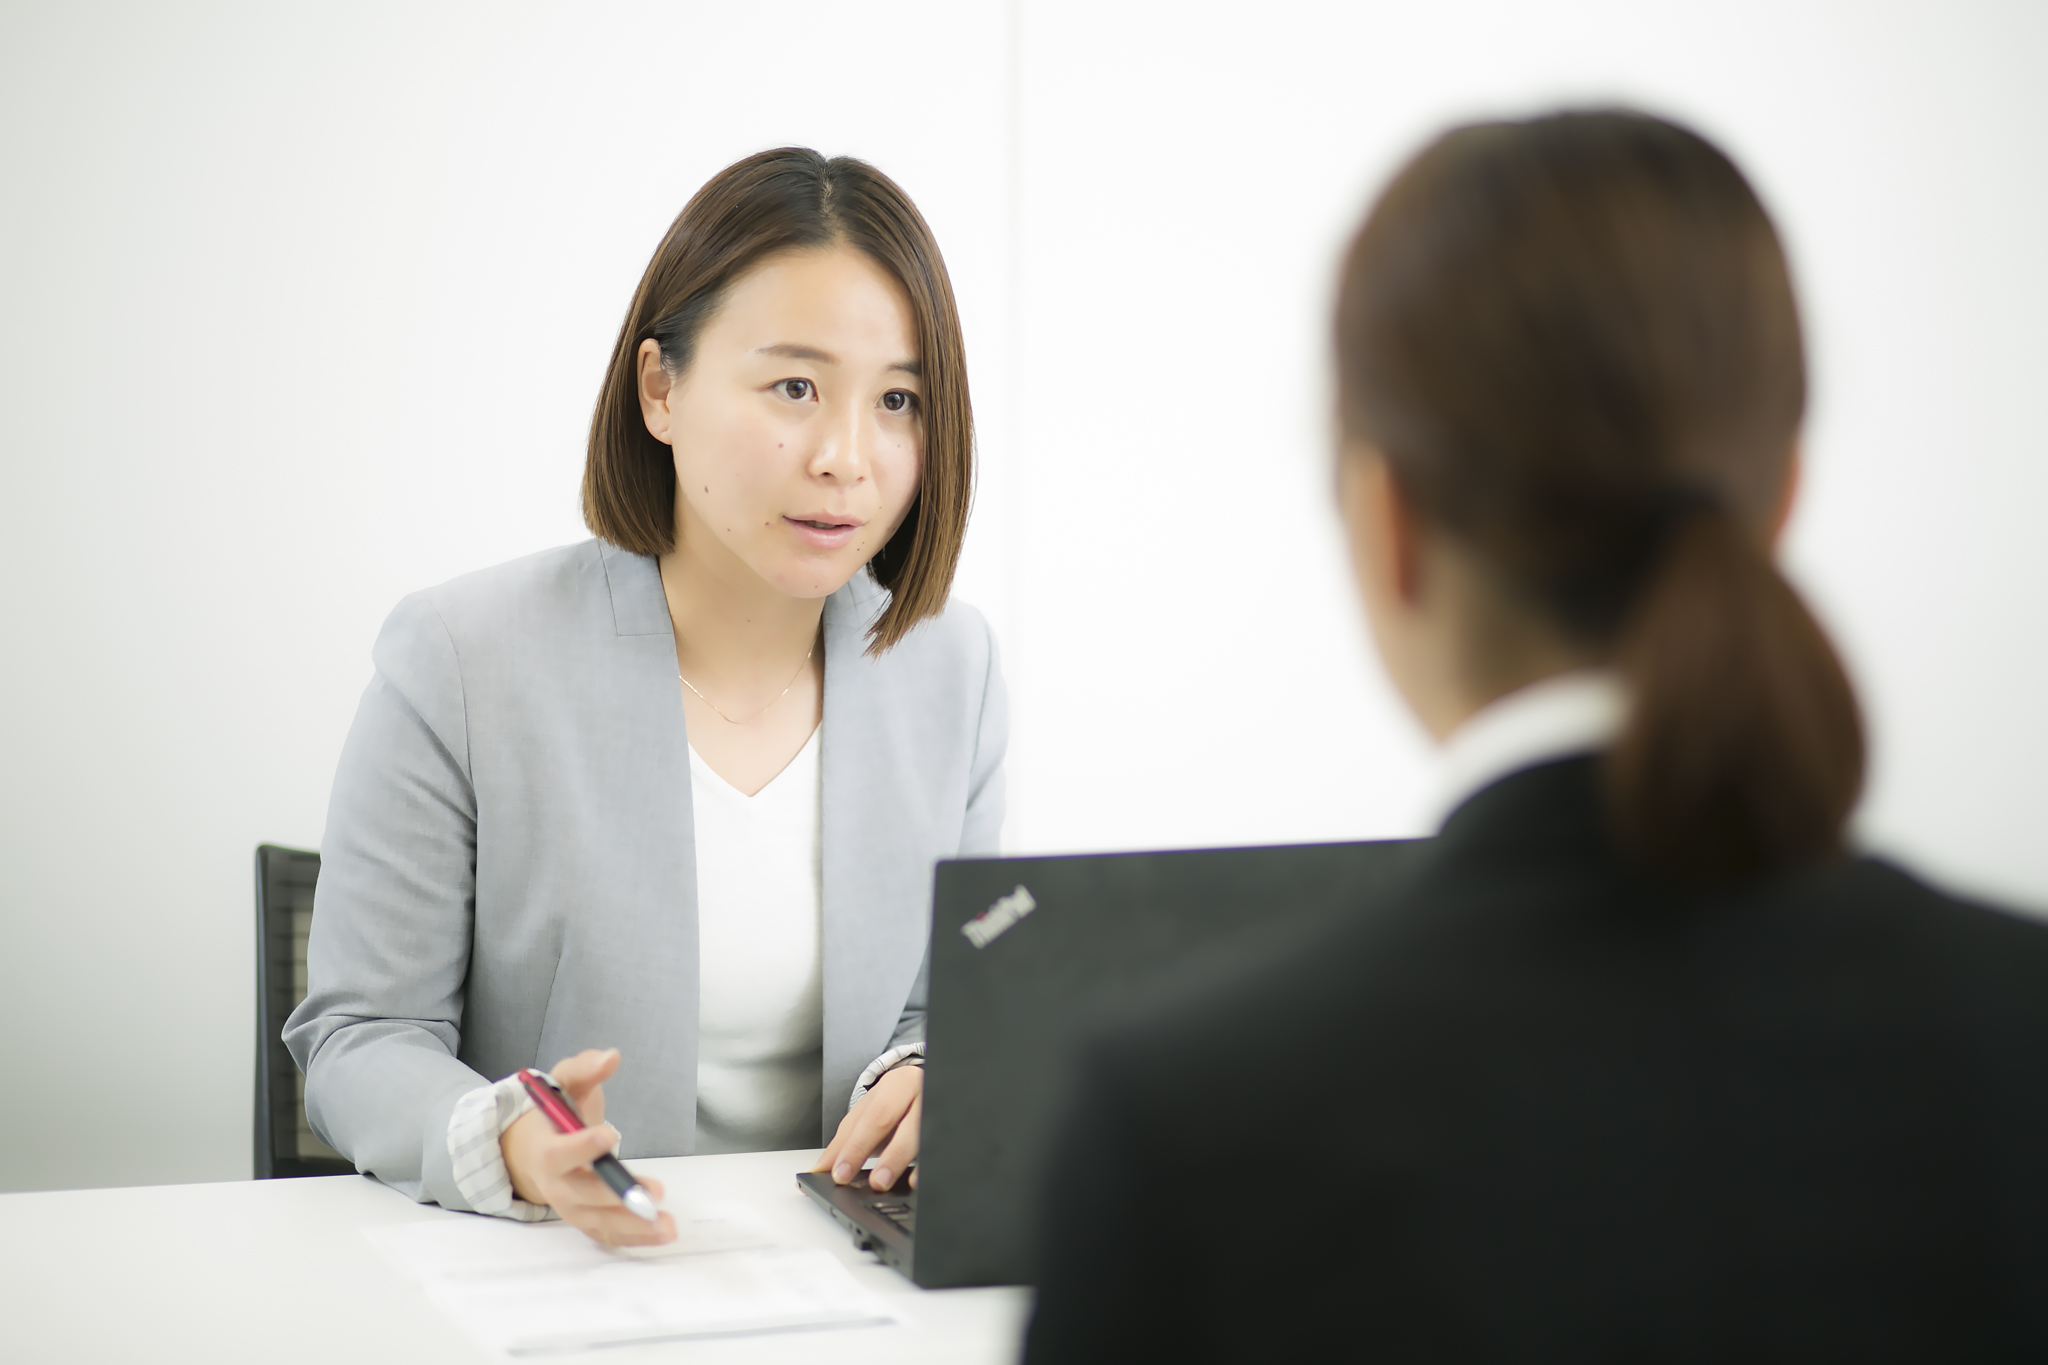 企業研究のやり方のポイントをS子さんに解説するCA飯塚さん